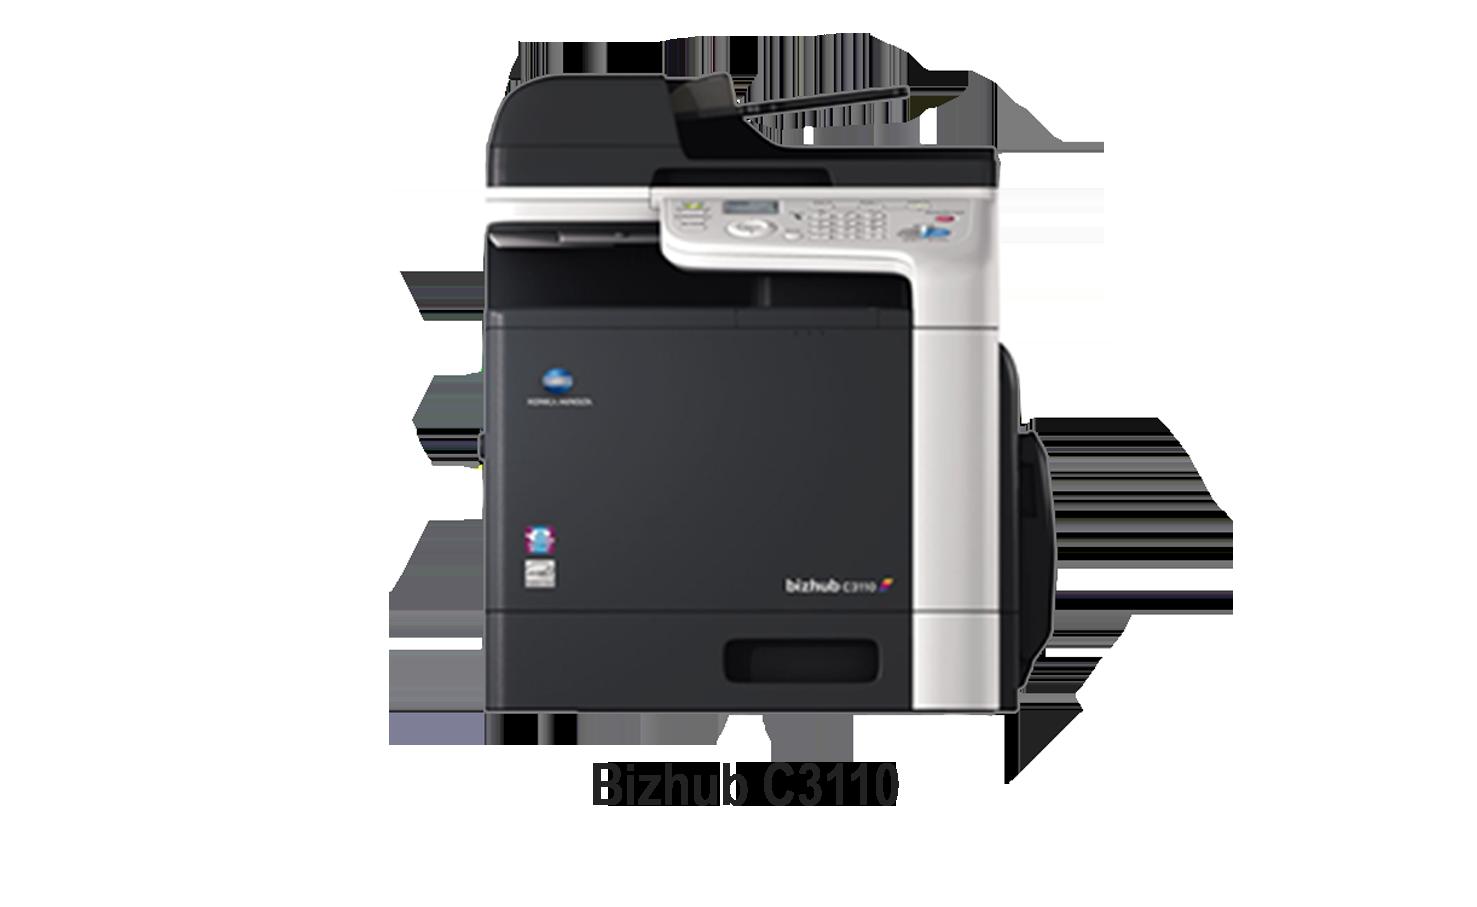 bizhub C3110